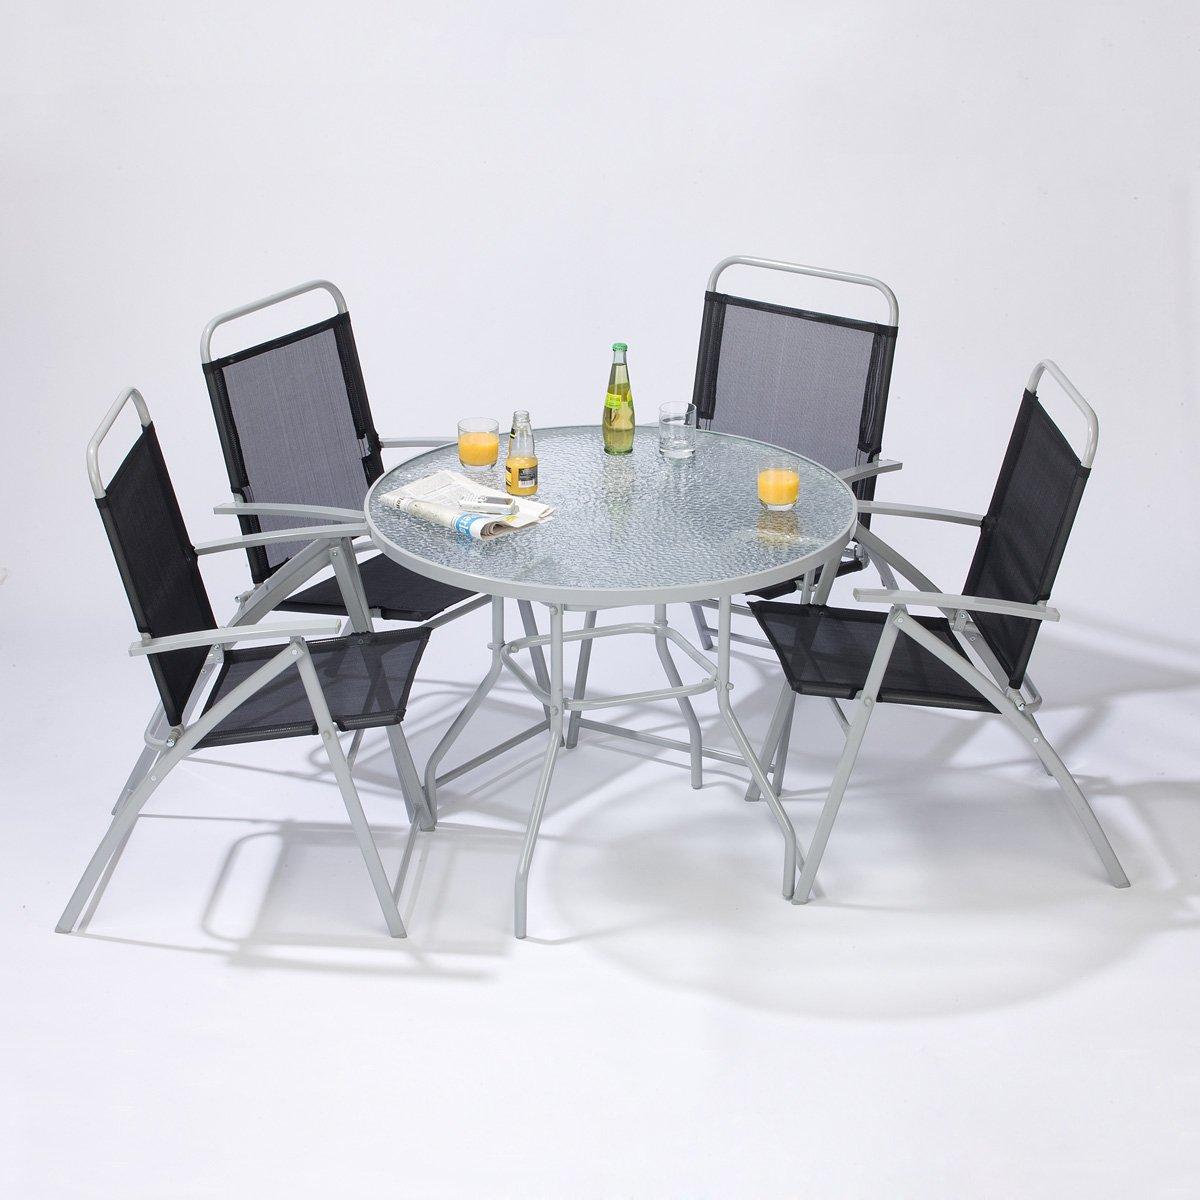 Amazon.de: Gartenmöbel Set Glastisch + 4 Klappstühle mit Armlehne